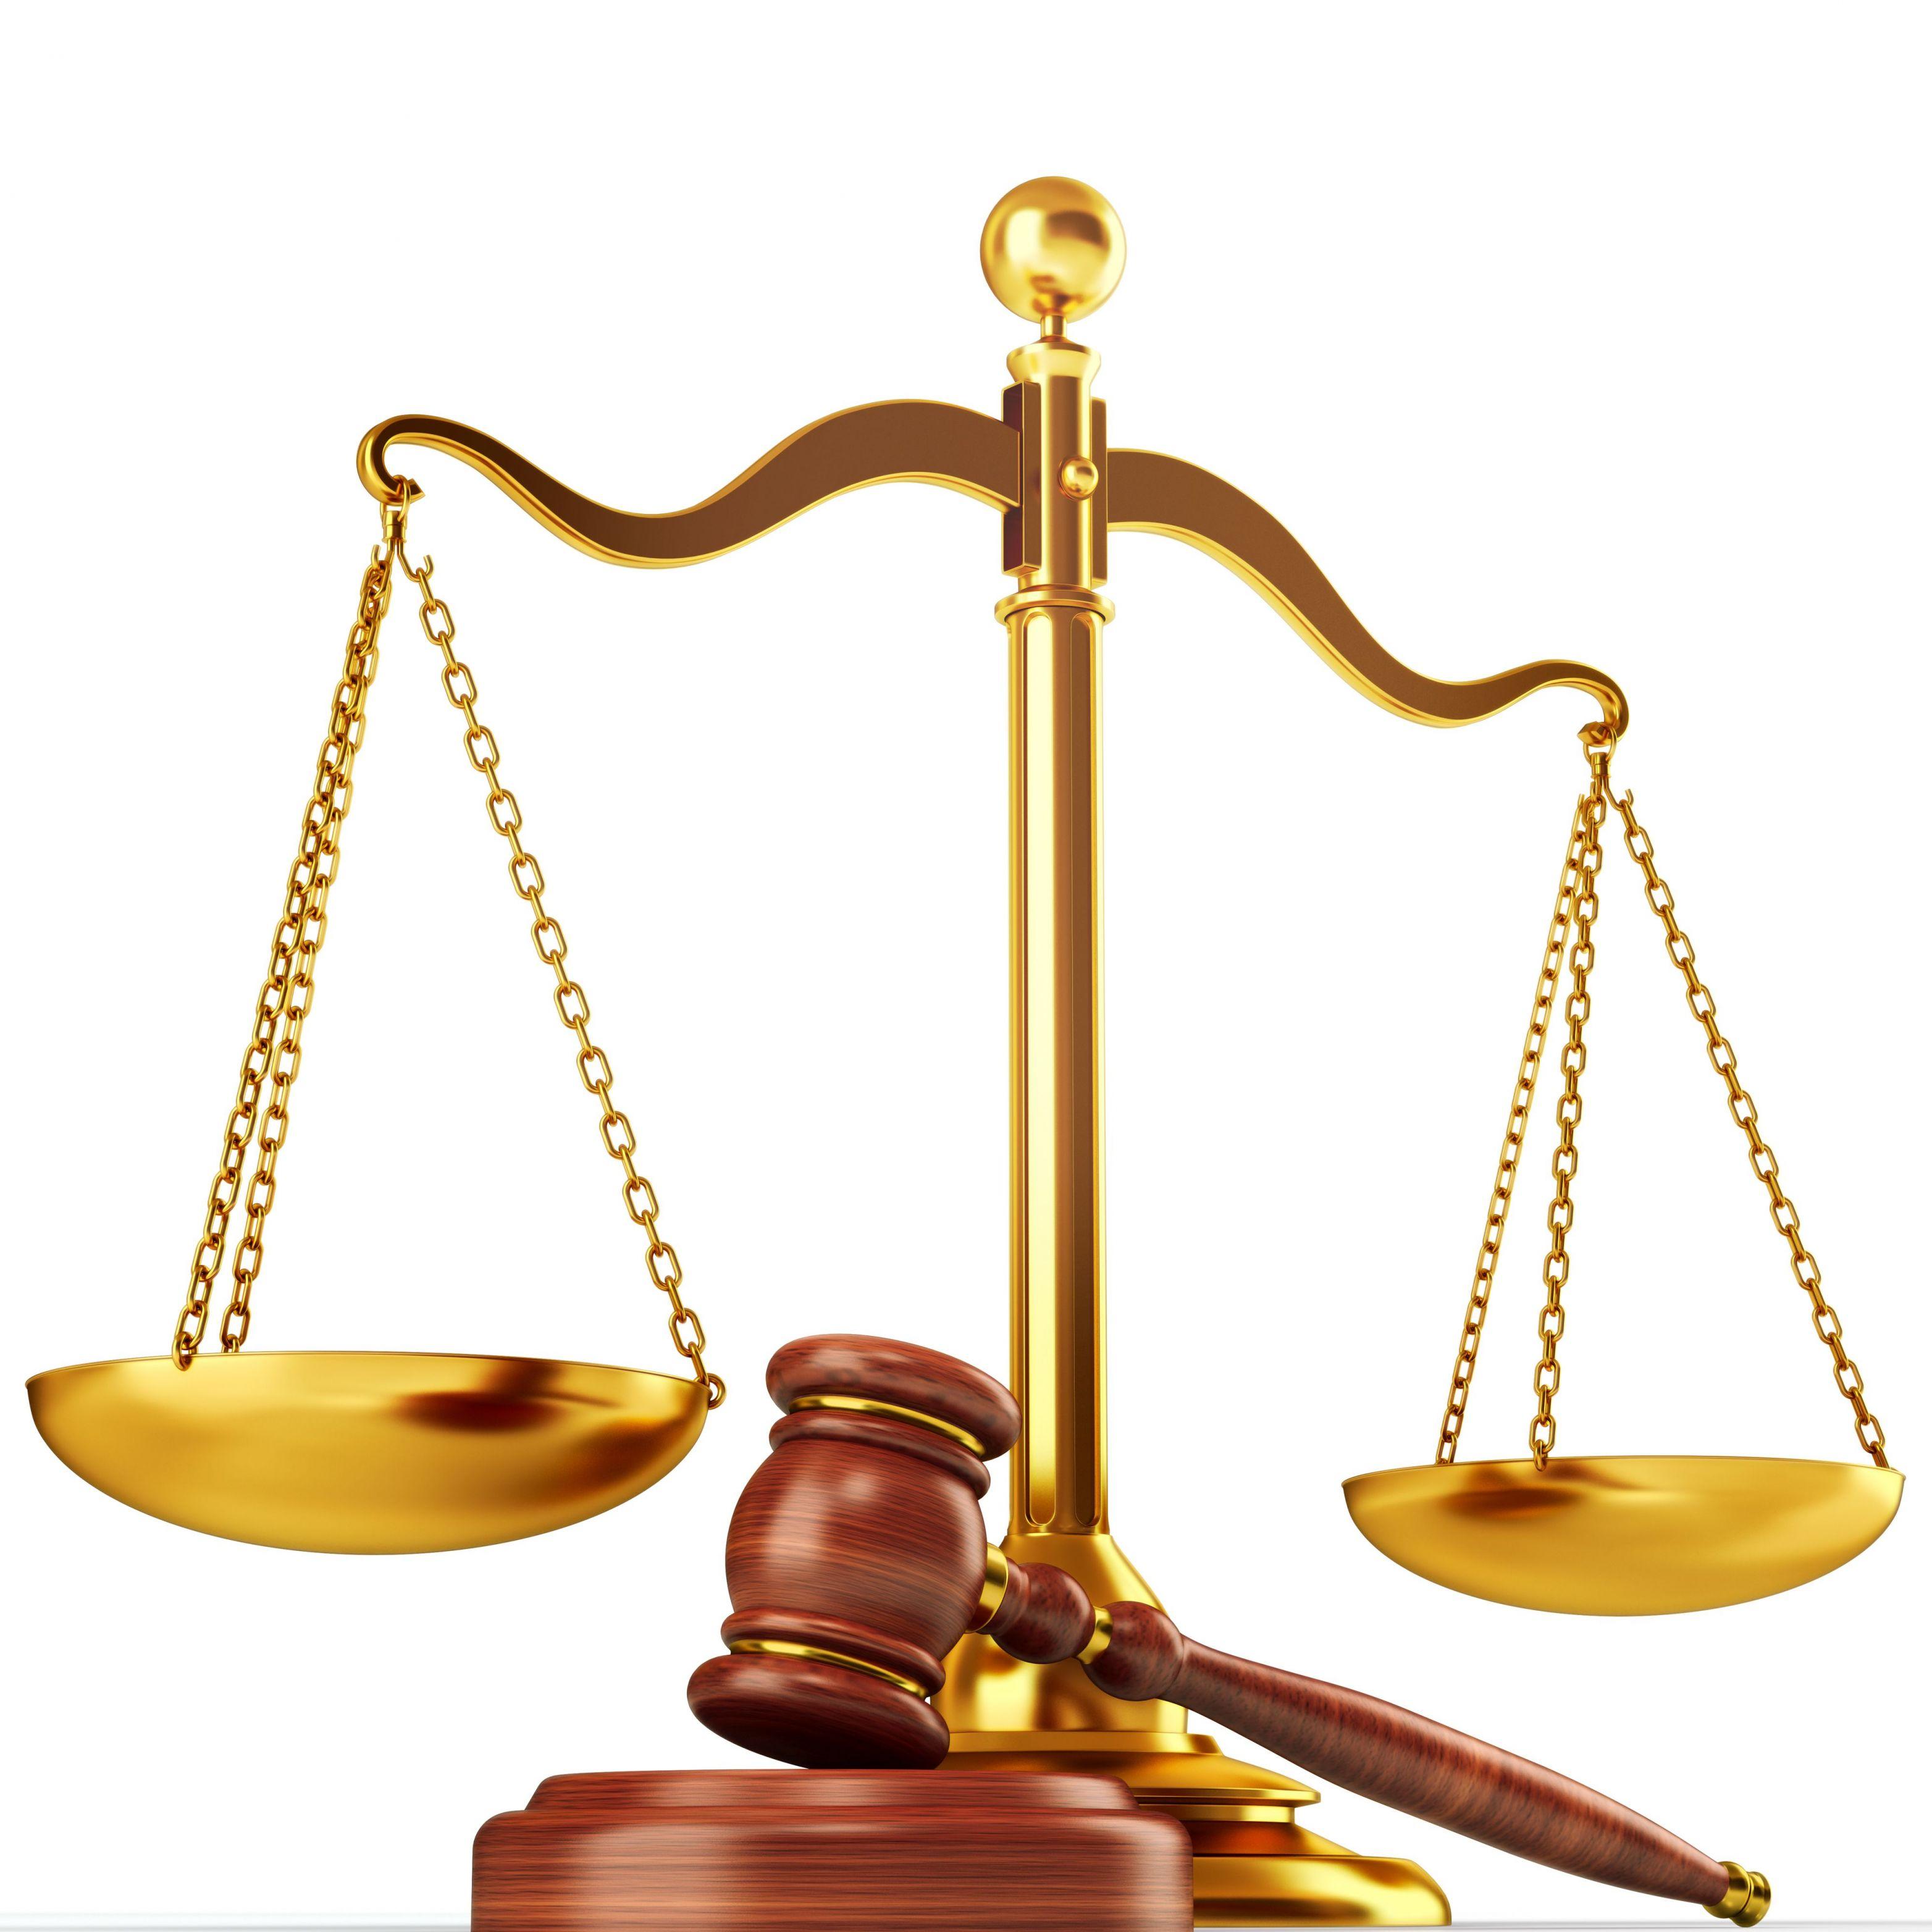 Giá trị của công bằng